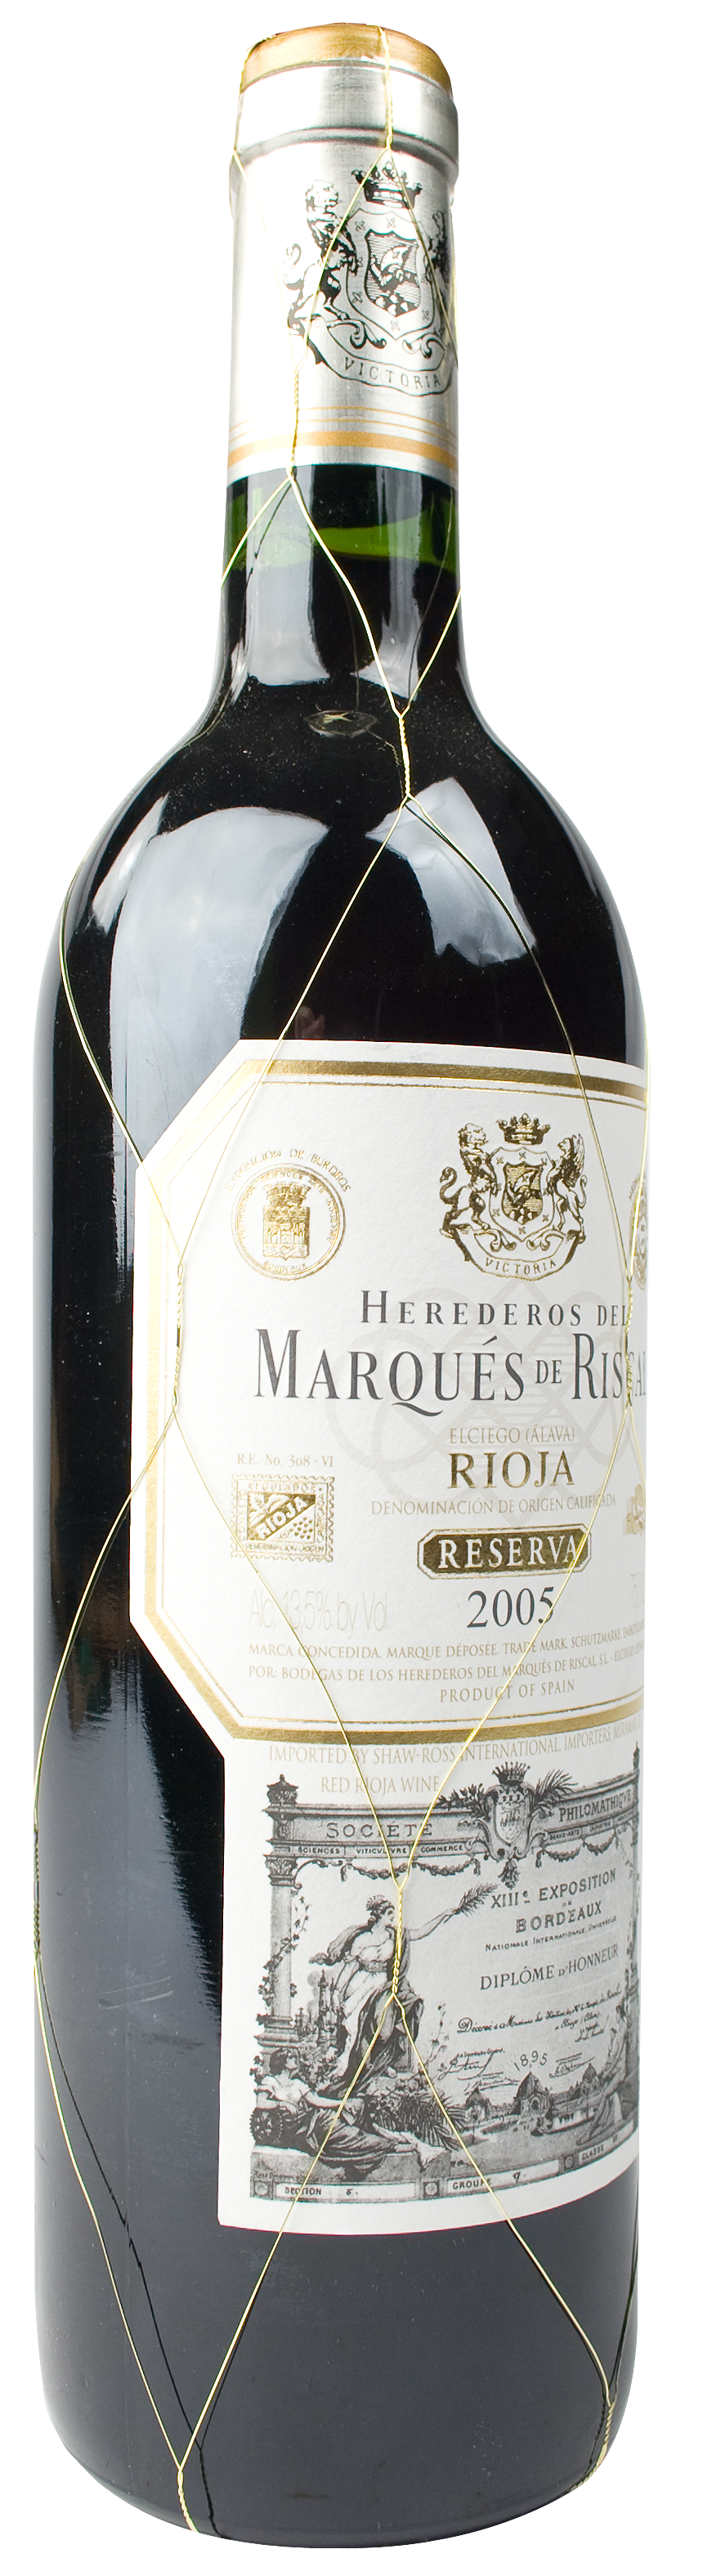 2005 marques de riscal rioja reserva wine library for Marques de riscal rioja